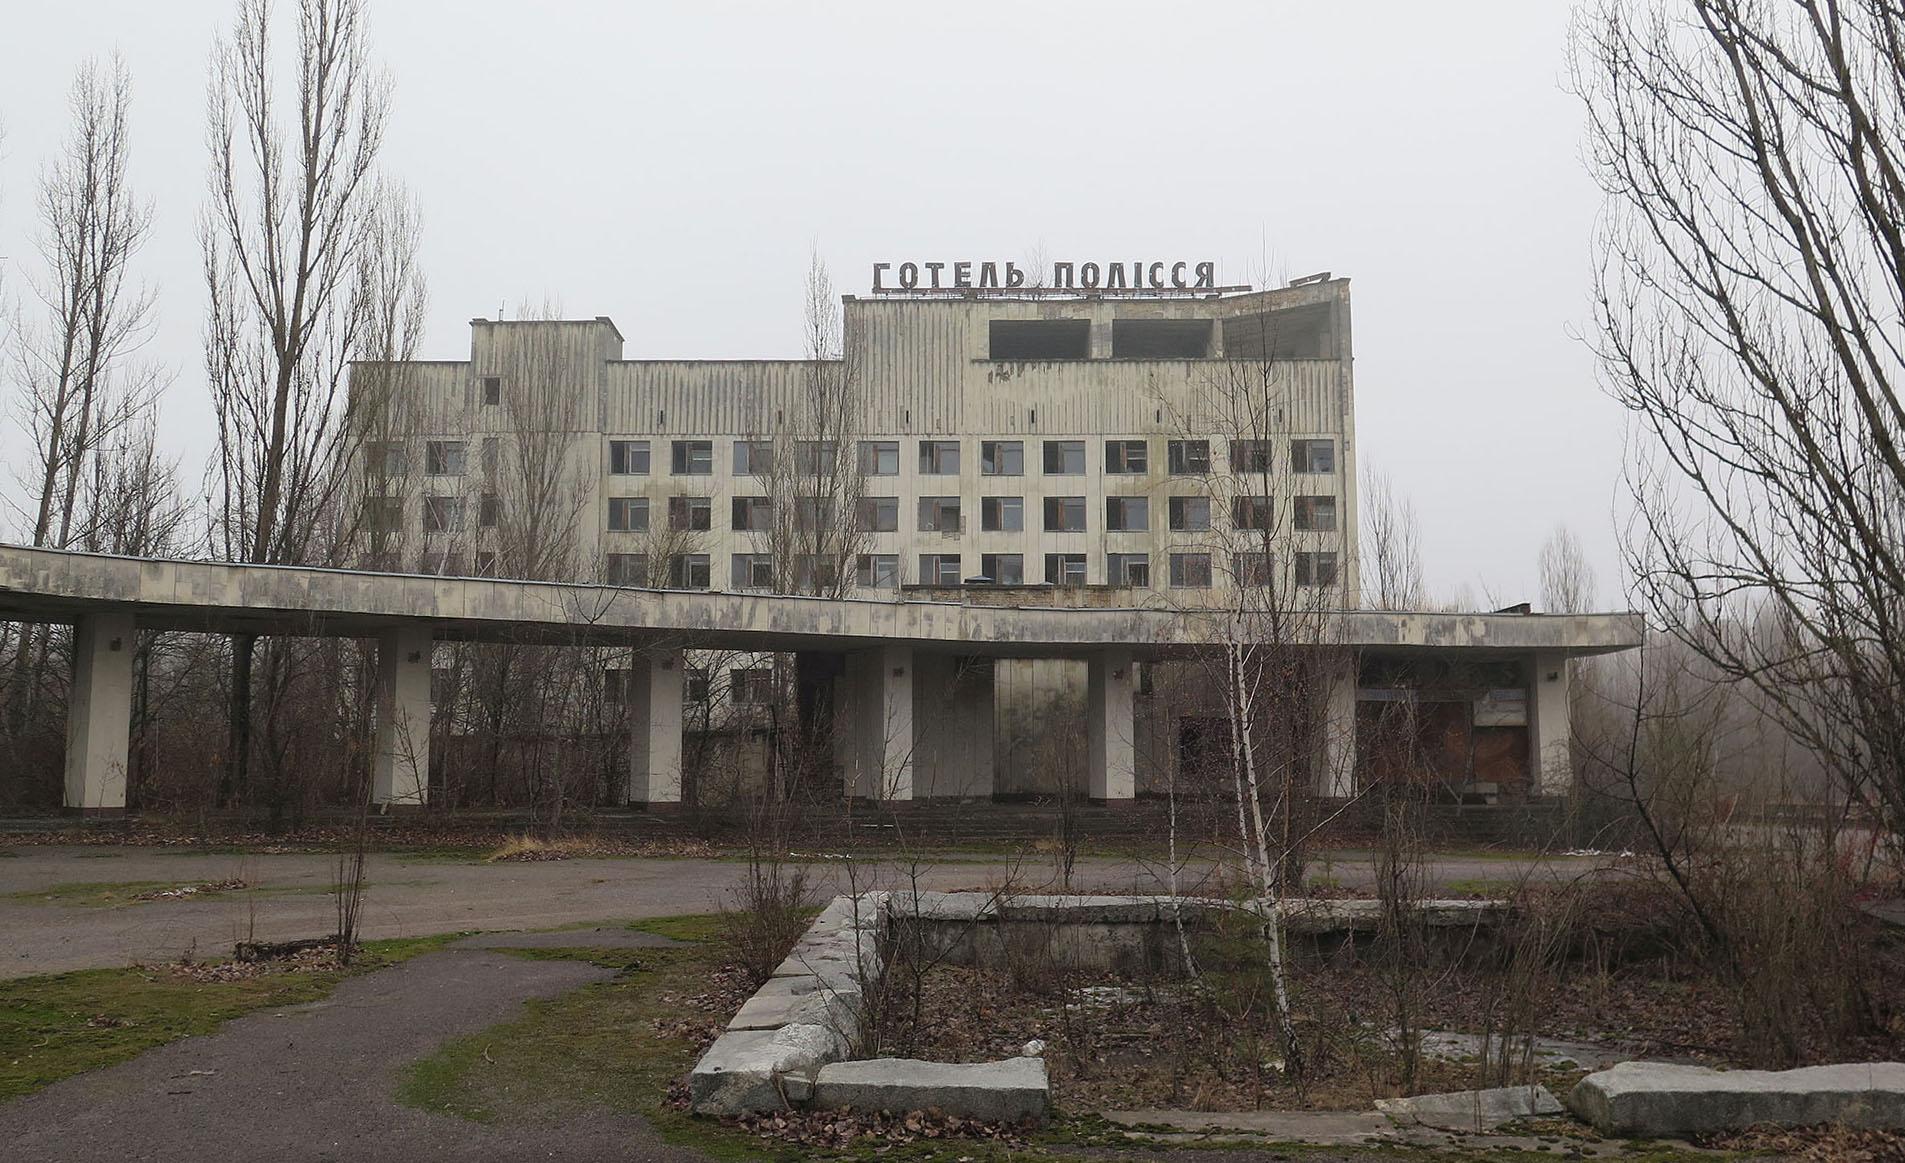 Chernobil Abre Su Primer Hostal En Zona De Exclusion